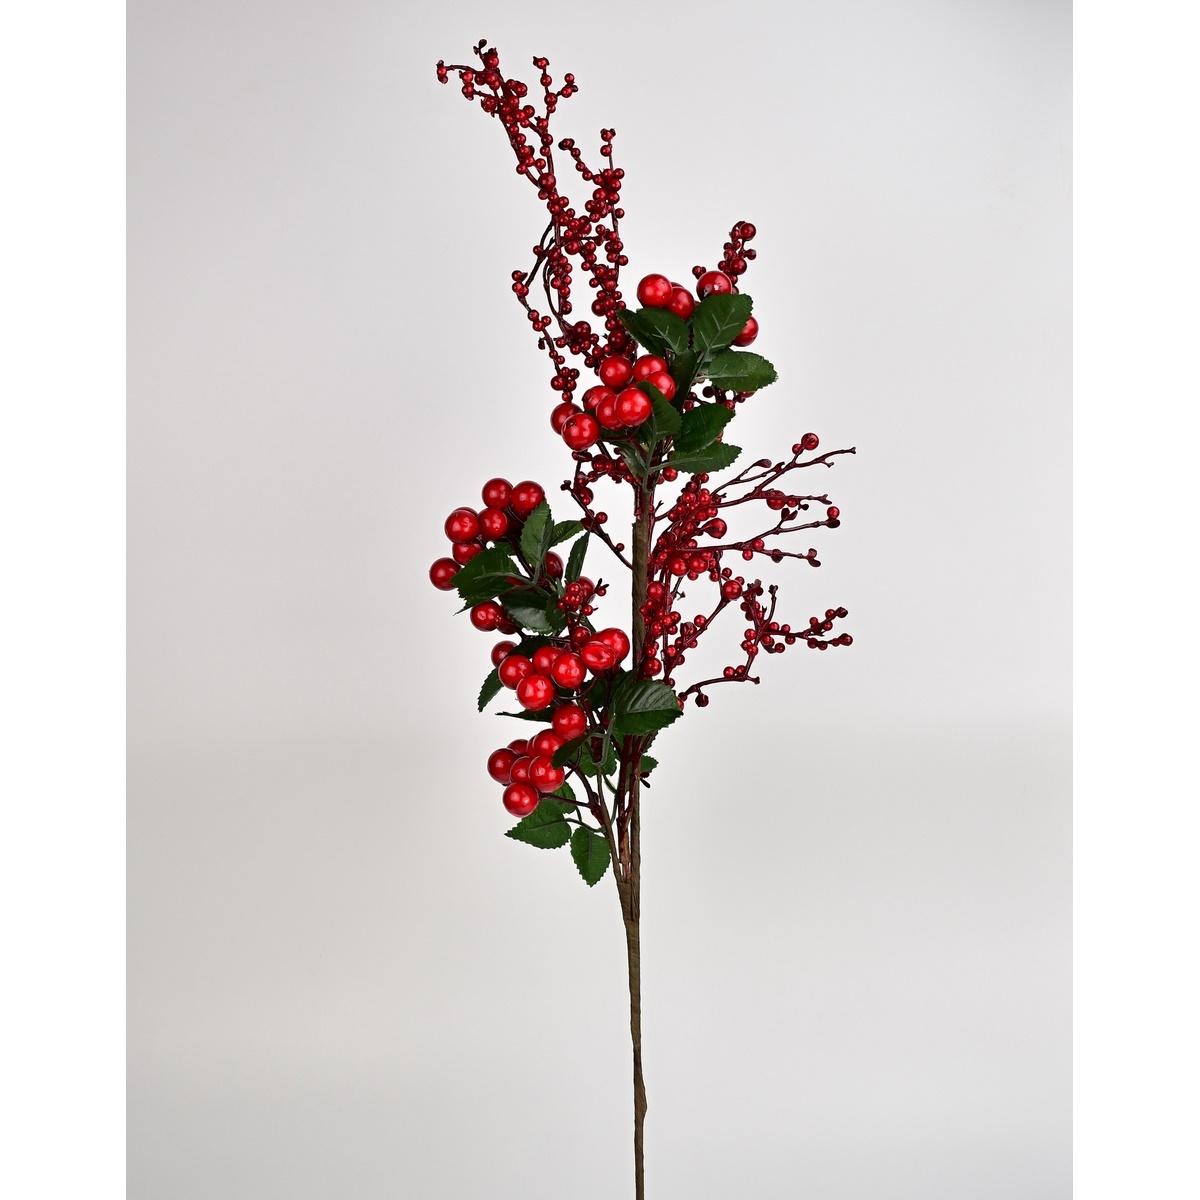 Podzimní dekorace větvička s červenými bobulemi, 60 cm